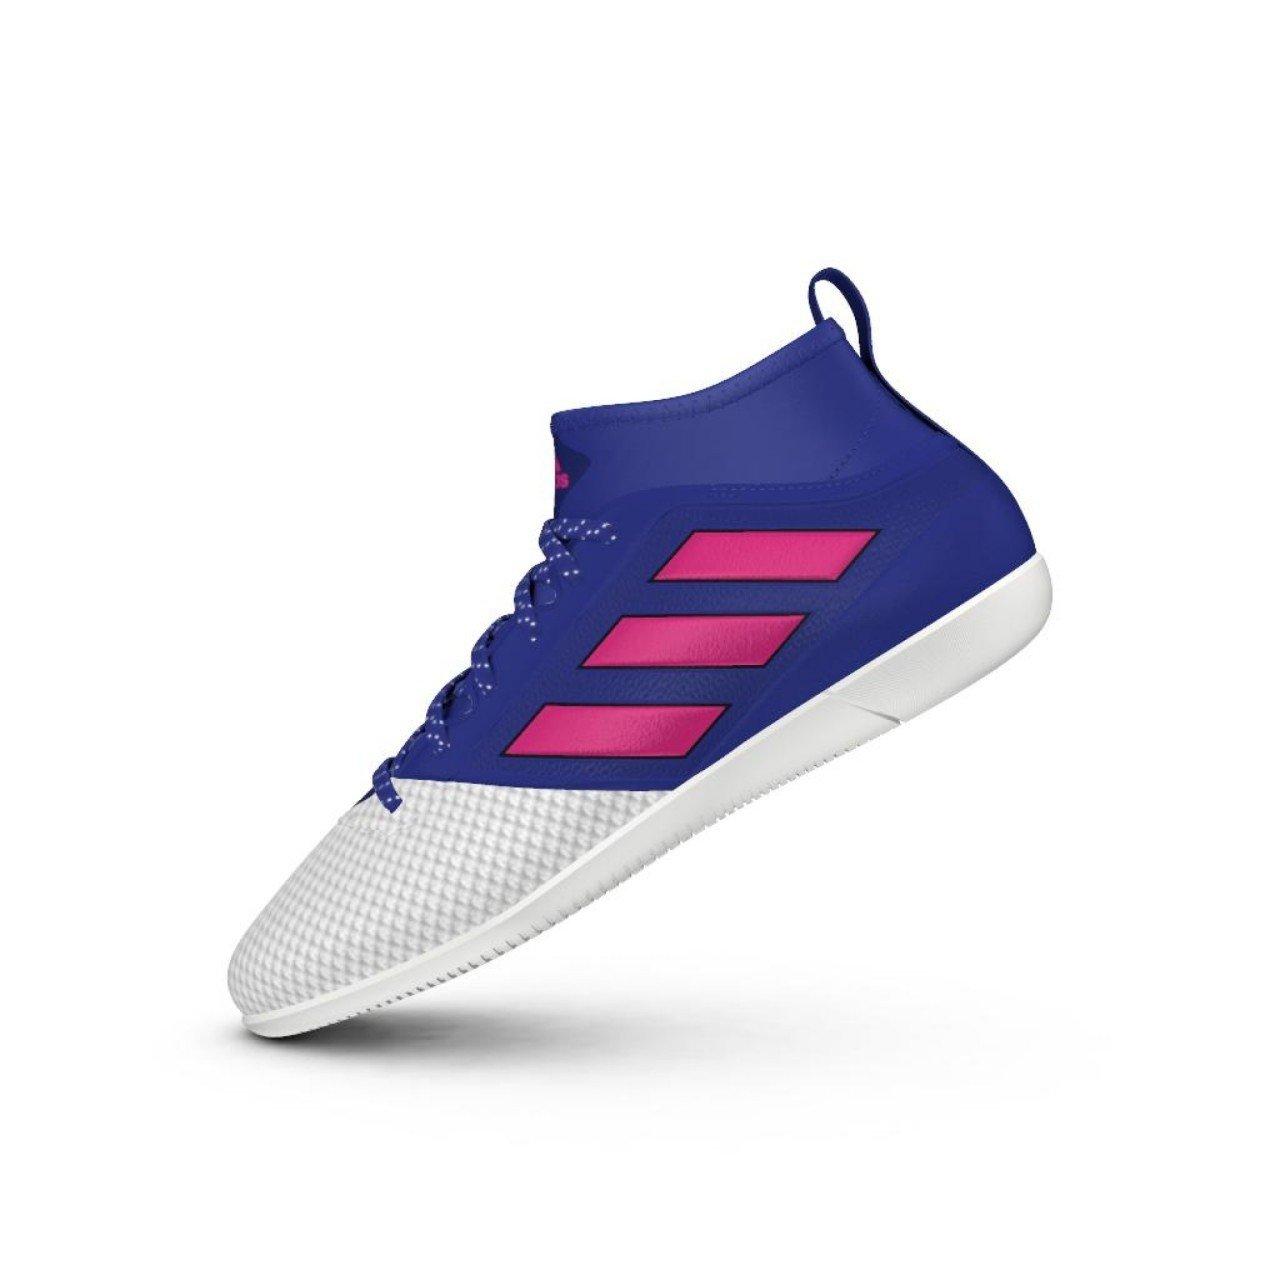 Adidas Adidas Adidas Ace 17.3 Primemesh In - Blau Shopin ftwwht 5d856f